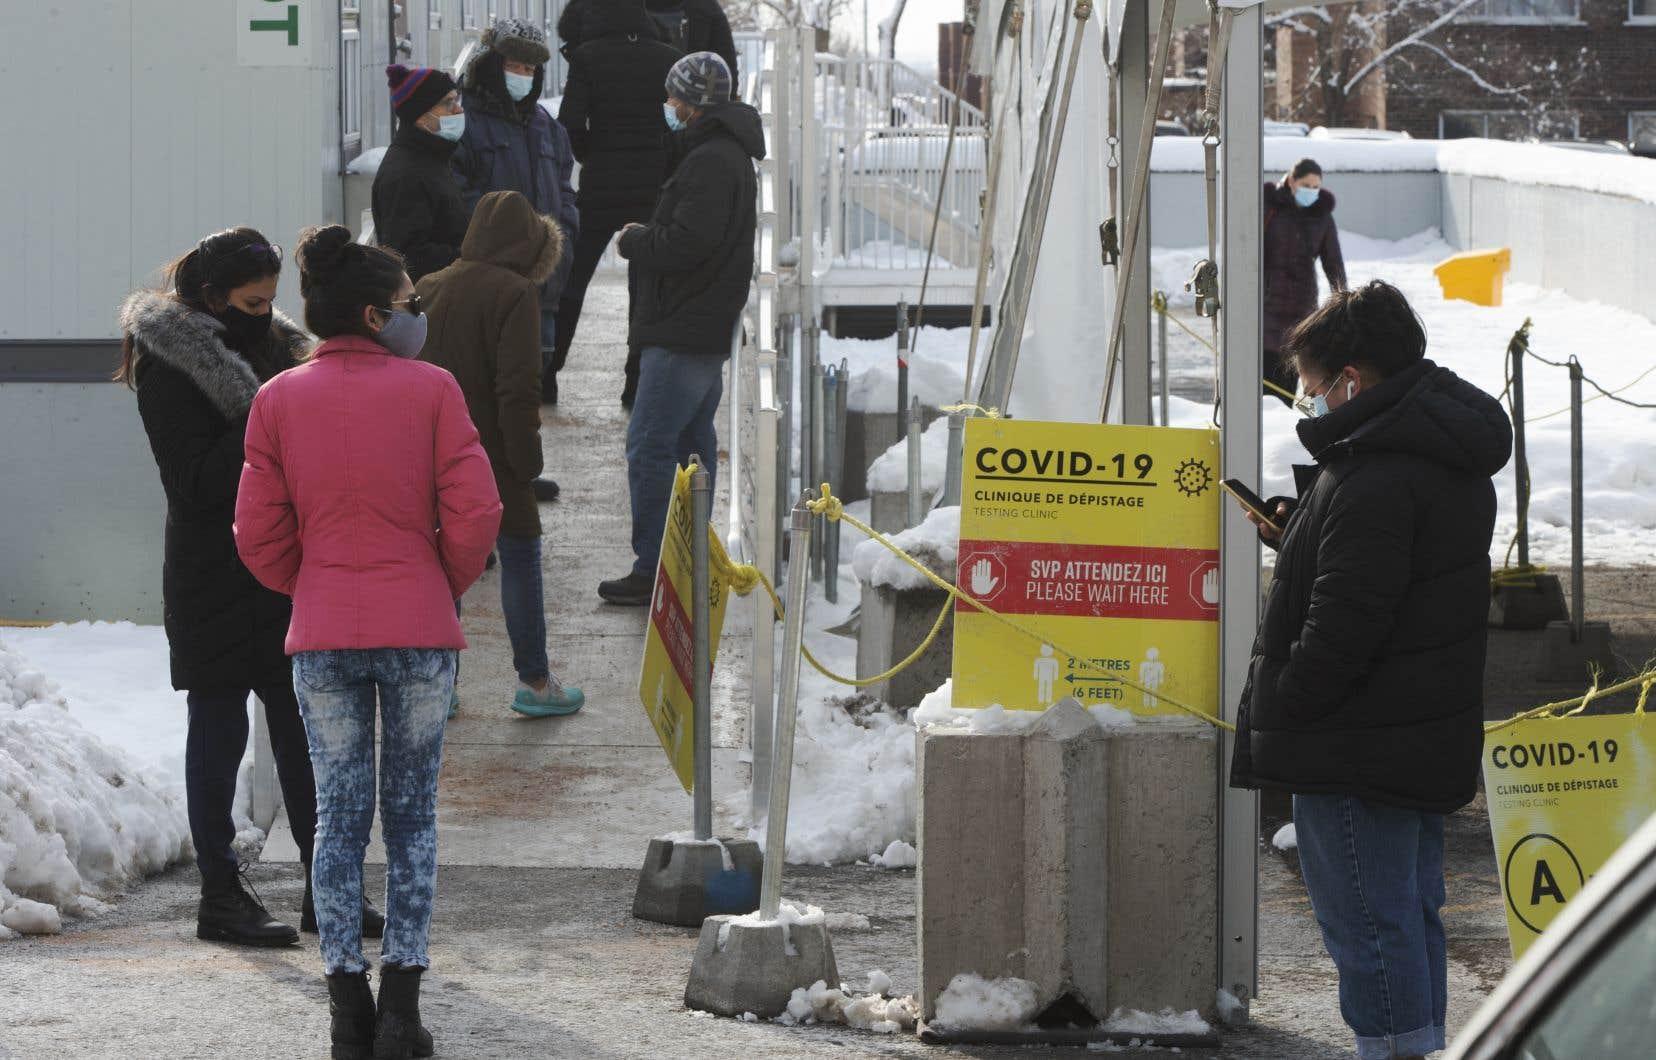 Lundi, près d'une centaine de cas d'infection liés à des variants avaient été recensés sur le territoire québécois, dont 16 confirmés par séquençage.